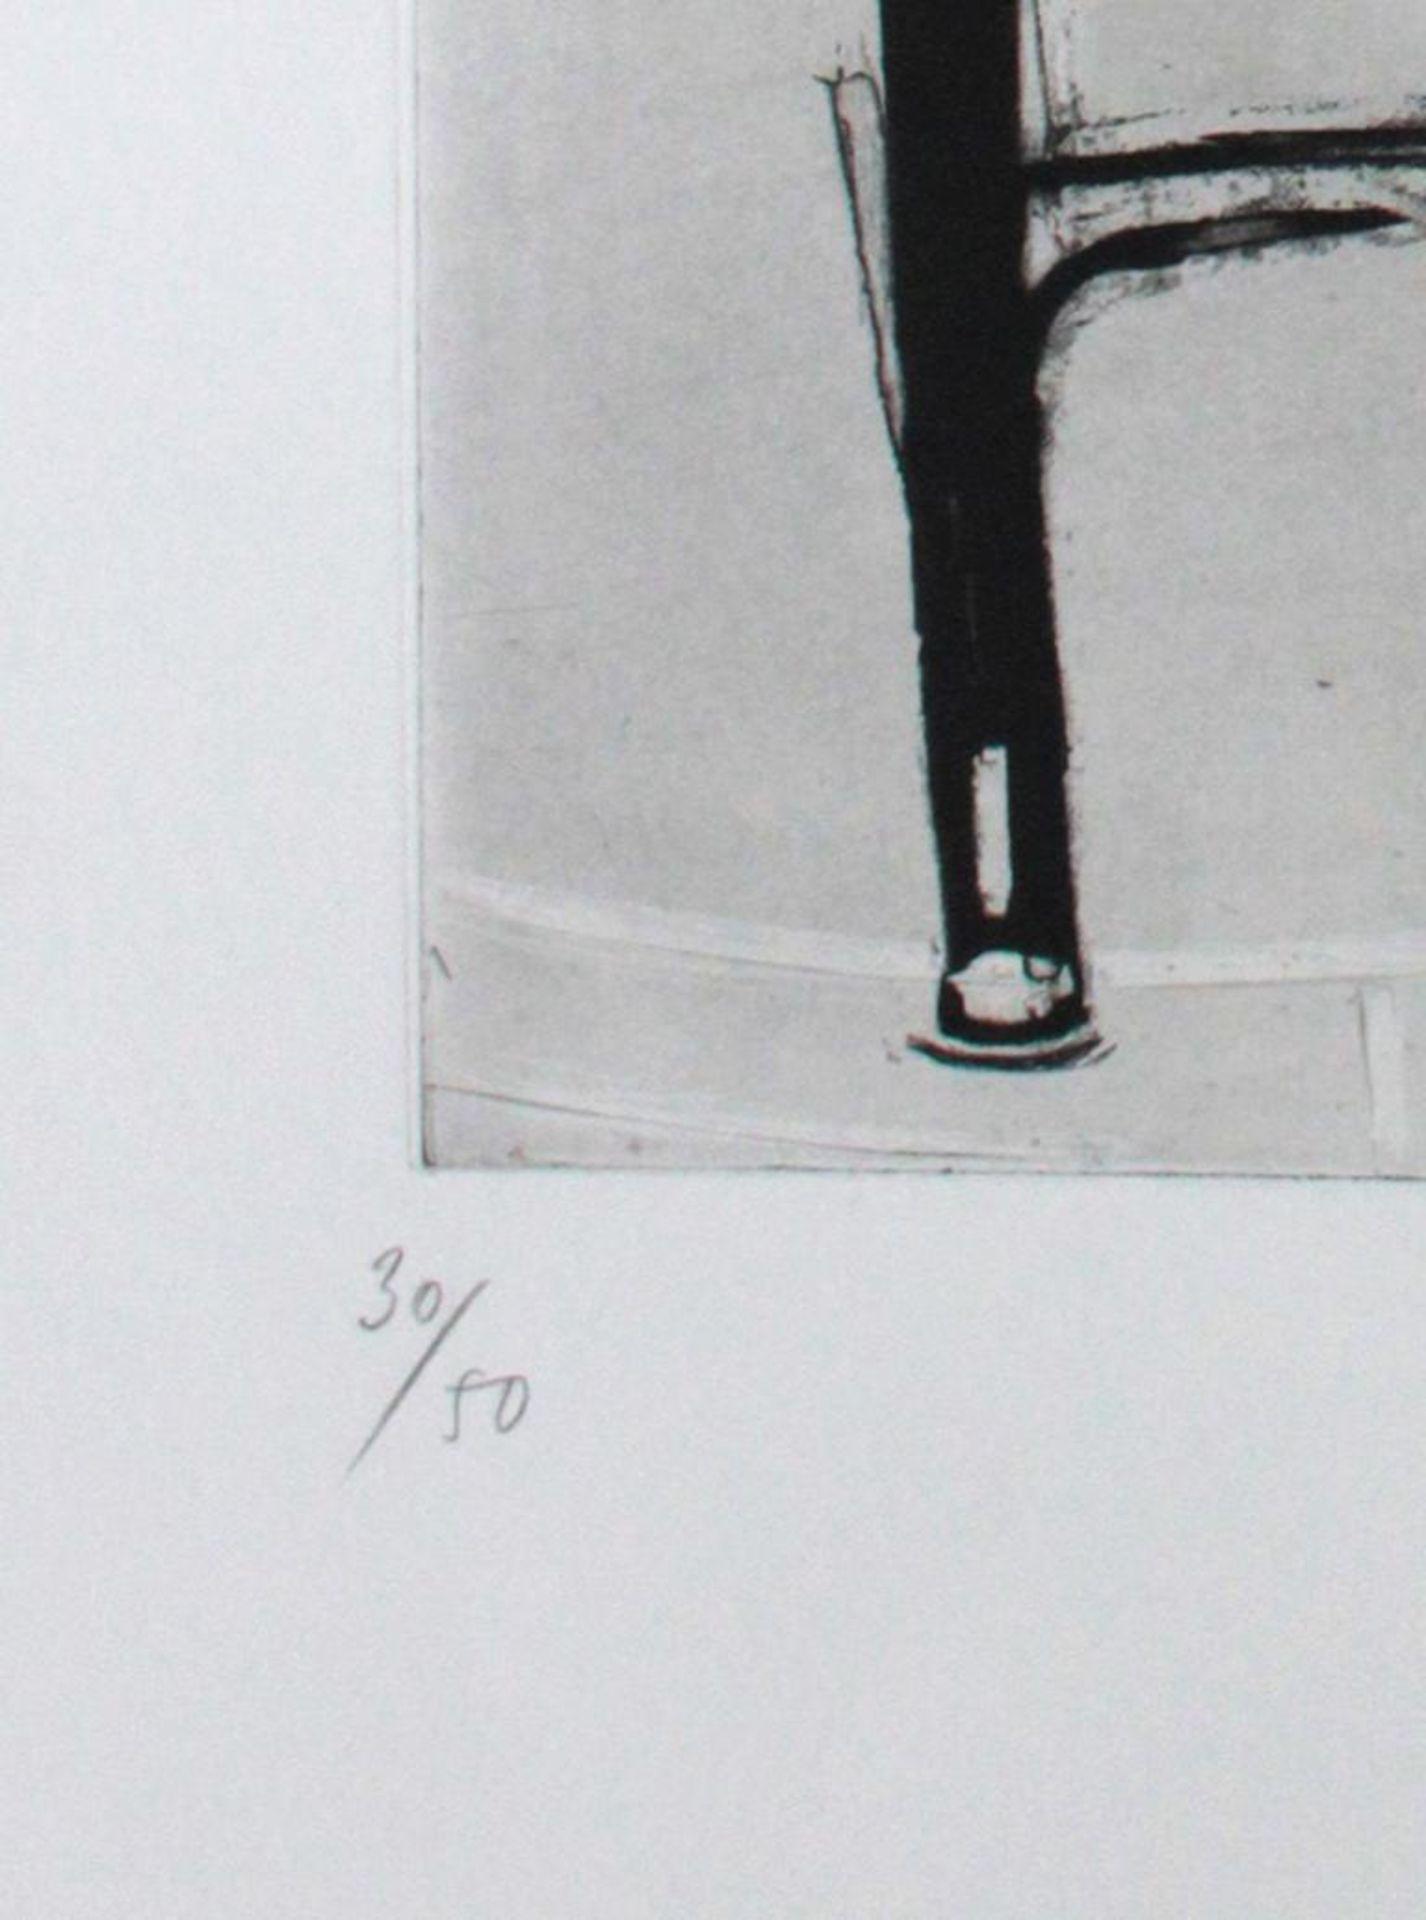 Messensee Jürgen (geb. 1936) Ohne Titel 1975 Lithographie handsigniert, datiert und nummeriert 30/50 - Bild 3 aus 3